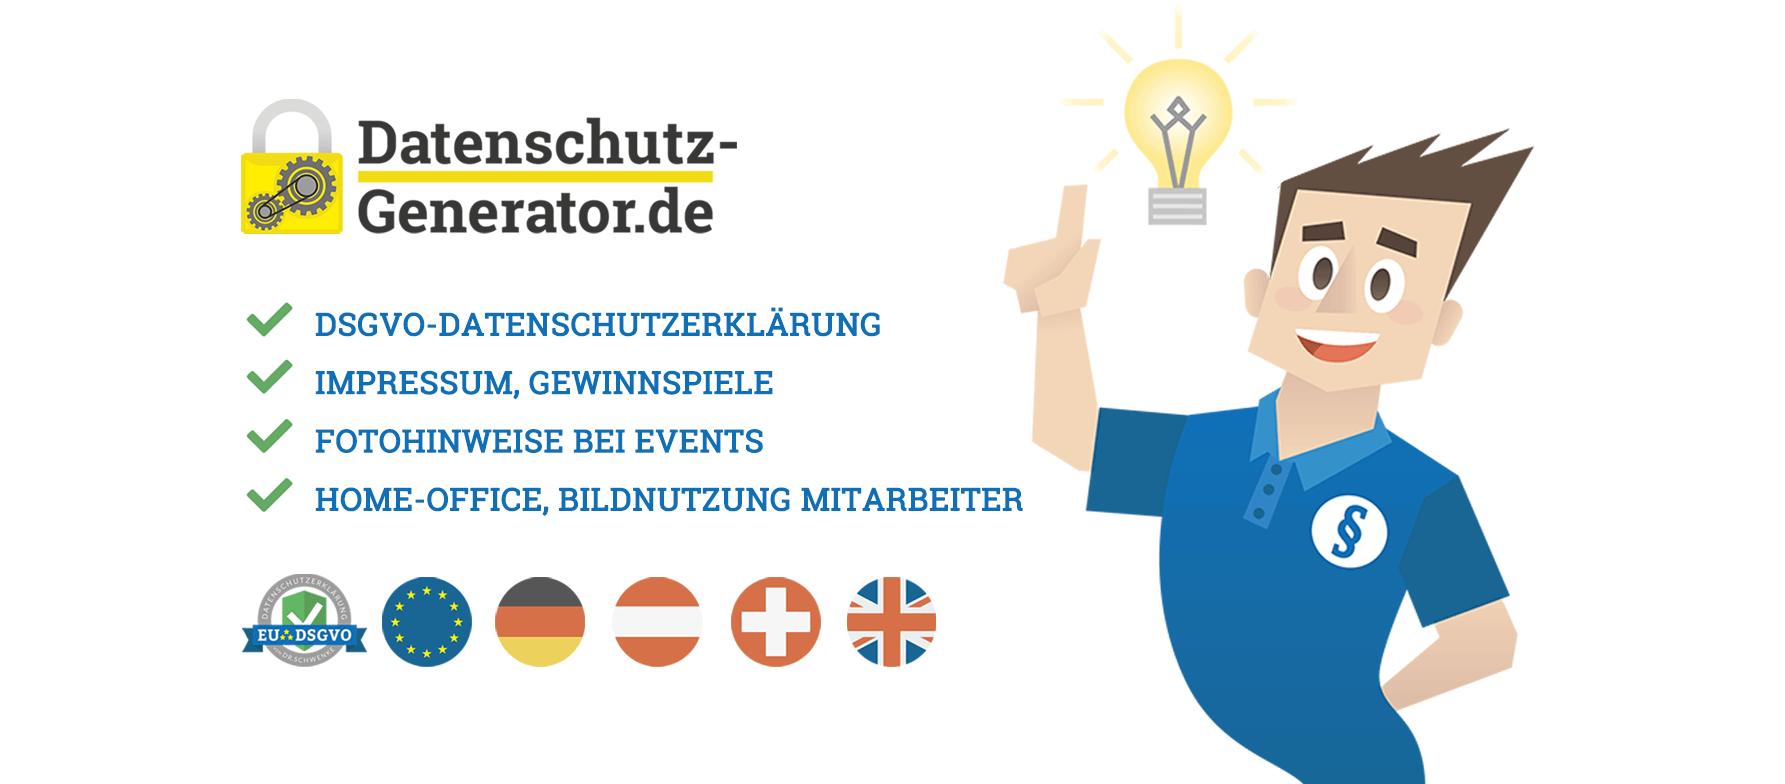 Datenschutzerklarung Generator Datenschutzerklarung In Deutsch Und Englisch Datenschutz Generator De Vom Rechtsanwalt Und Experten Empfohlen